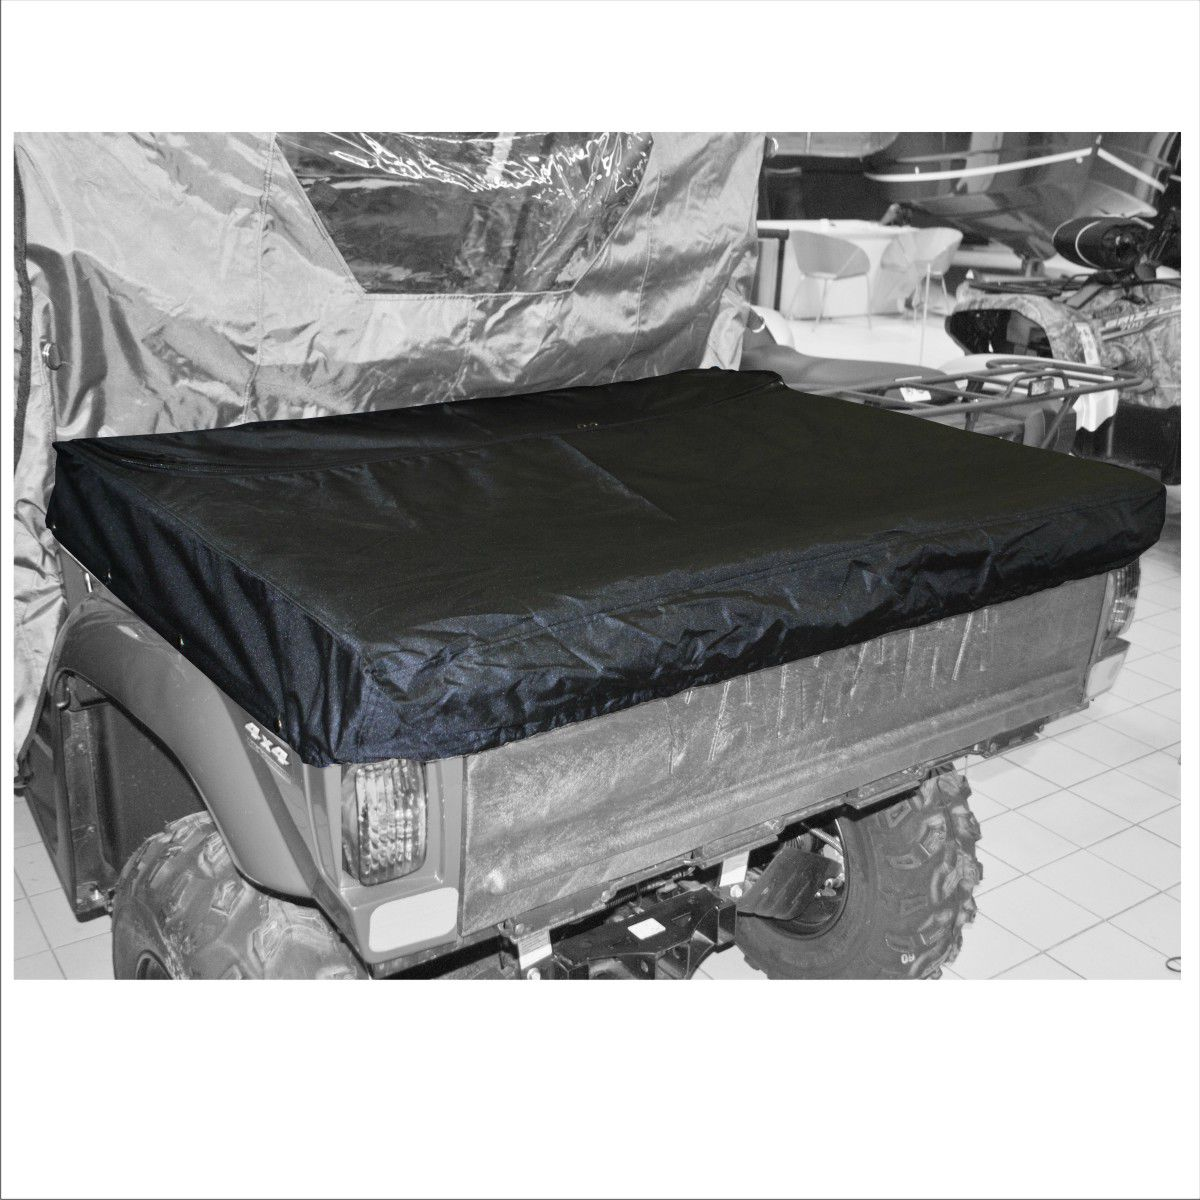 Тент AG-brand, на кузов UTV Yamaha Rhino 700, цвет: черный. AG-YAM-UTV-Rh700-CBAG-YAM-UTV-Rh700-CBПрочный тент AG-brand на кузов мотовездехода UTV Yamaha Rhino 700 призван защищать кладь в кузове от снега, града, дождя, дорожной пыли, веток и листвы во время заездов на мотовездеходе. Система креплений выполнена на кнопках, она позволяет надежно установить чехол на кузов мотовездехода. Дополнительная молния позволяет получить частичный доступ в кузов, не снимая всего чехла.